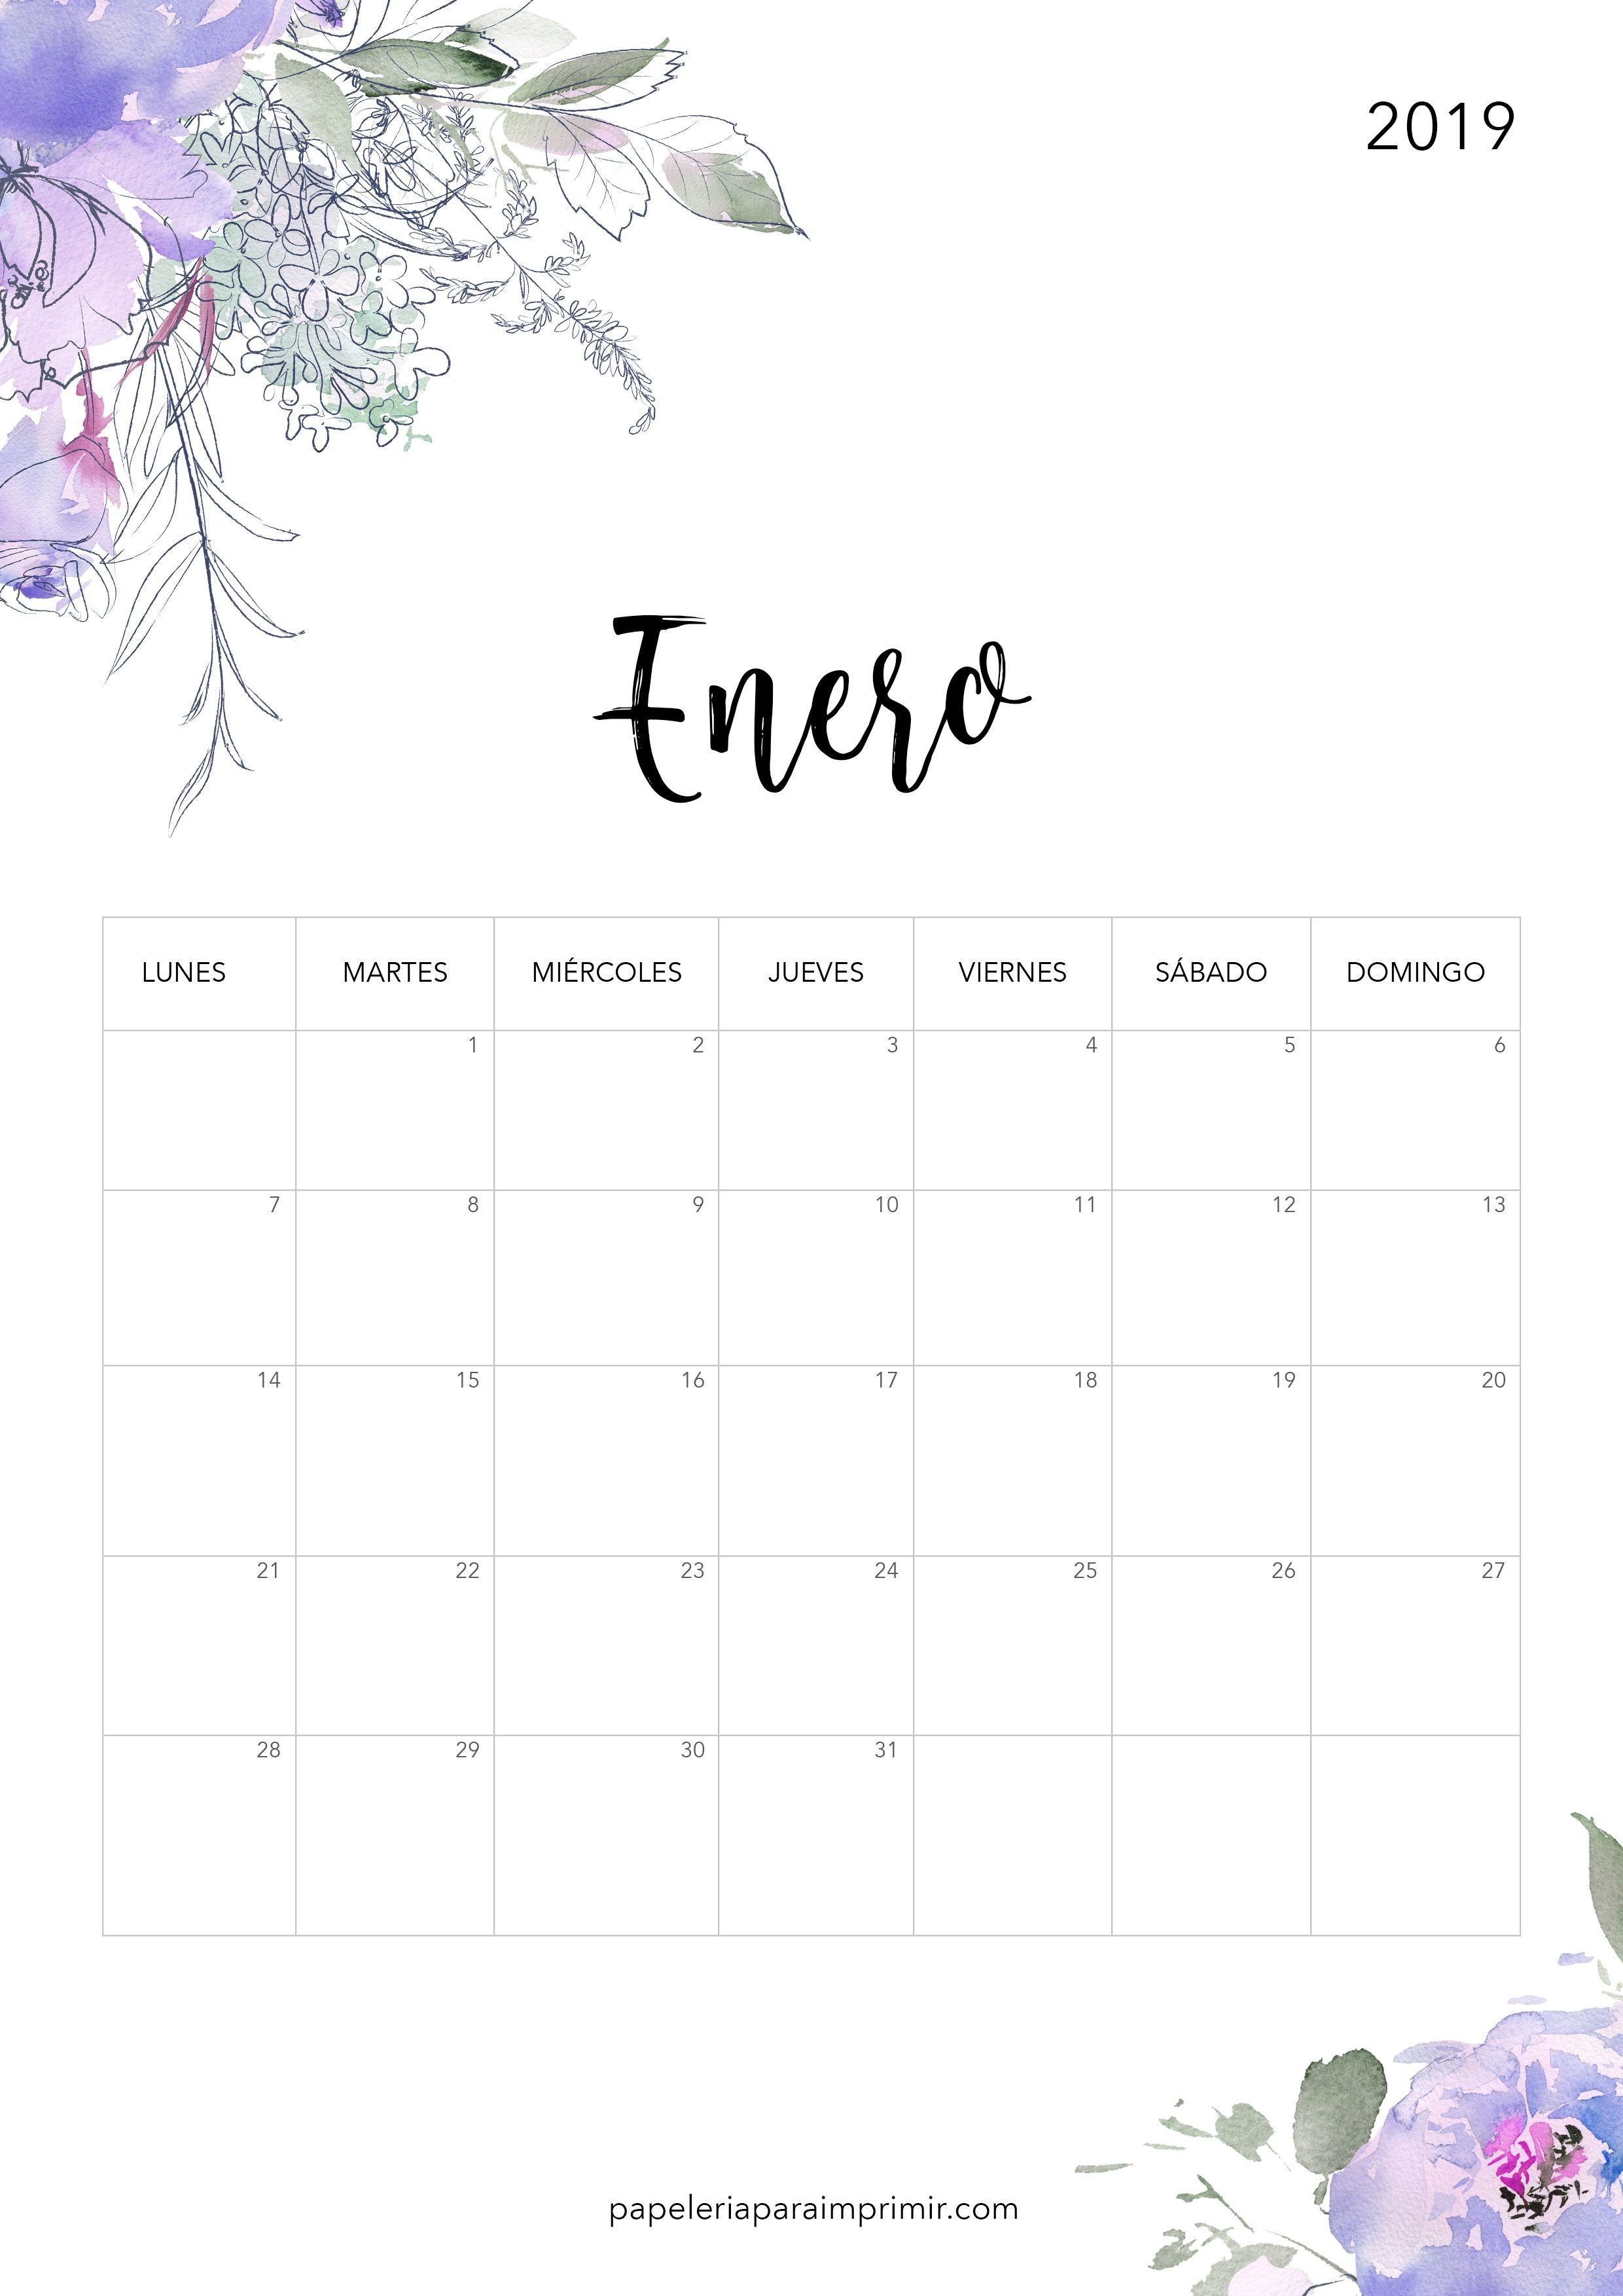 Calendario Noviembre Para Imprimir Más Recientes Papeleria Para Imprimir Papeleriaparaimprimir En Pinterest